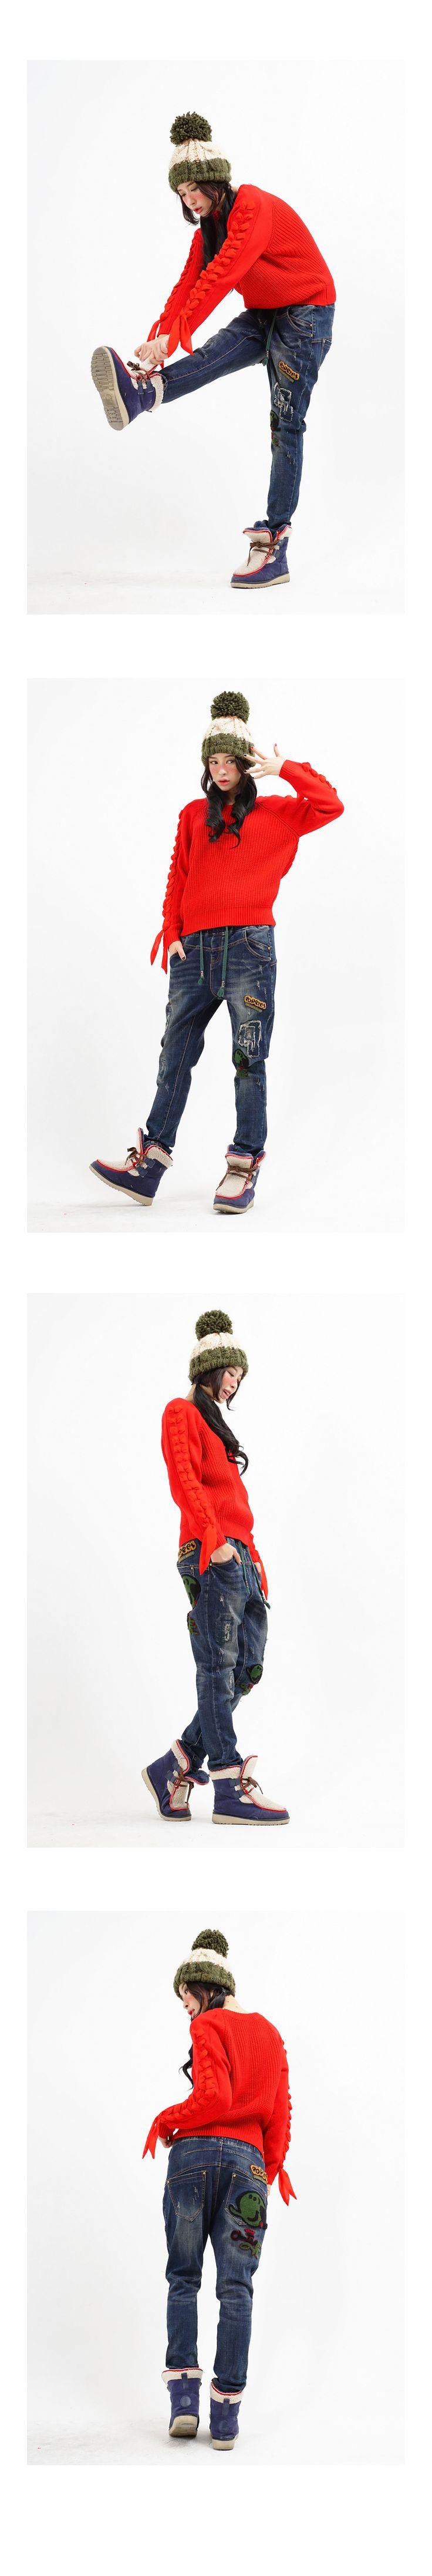 ★★★ 엣지있는 여성을 위한 하이퀄리티 쇼핑몰!! ★★★